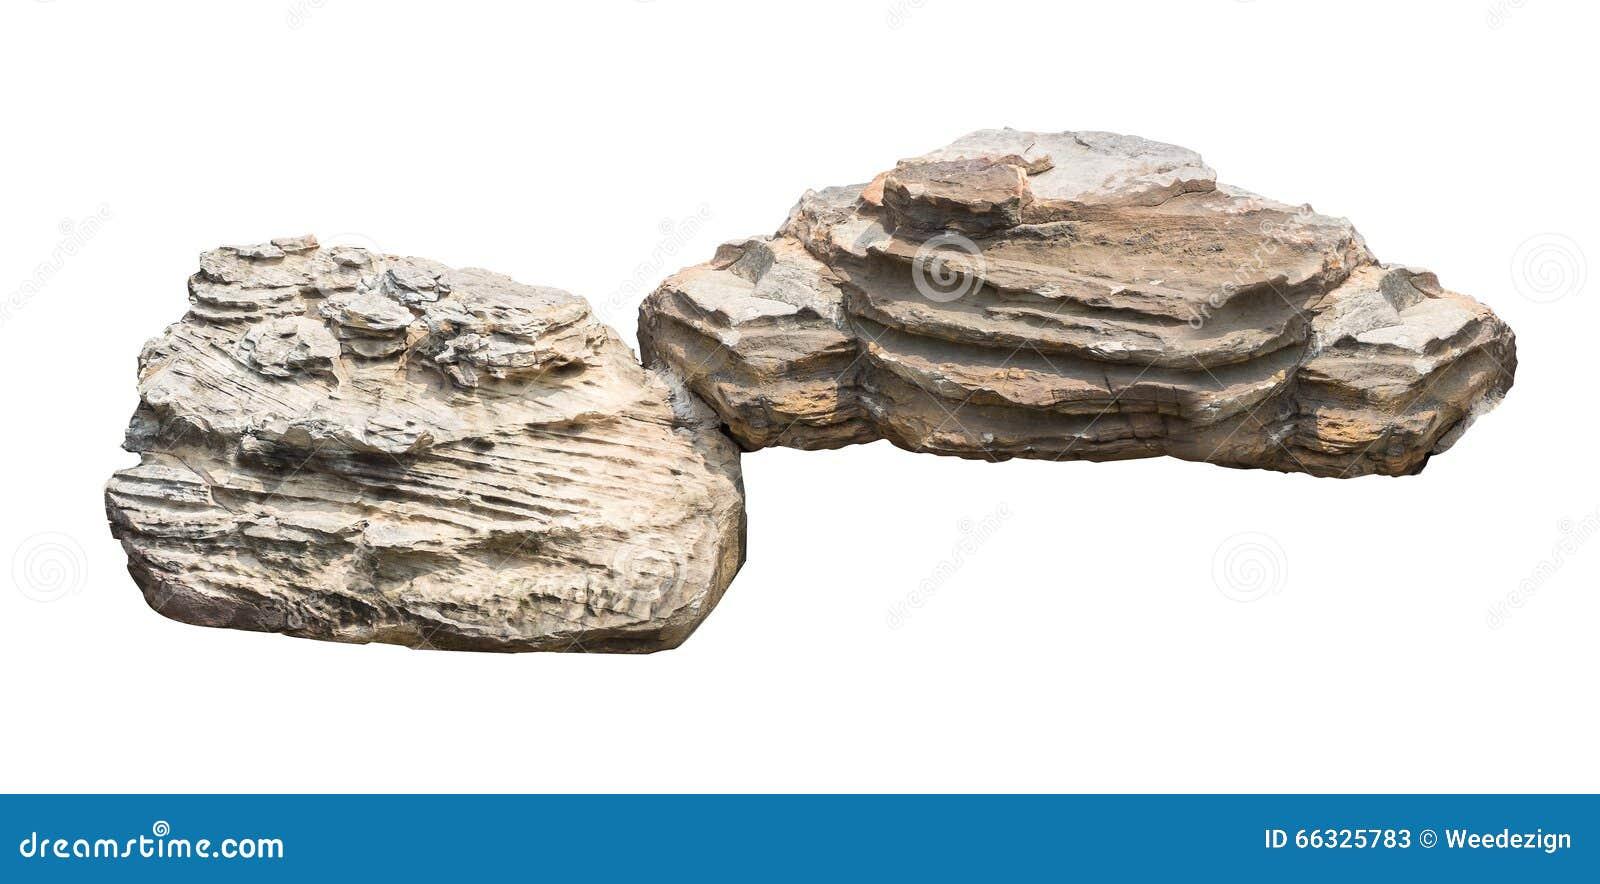 Large White Granite Rock : Big stone isolated on white background stock image